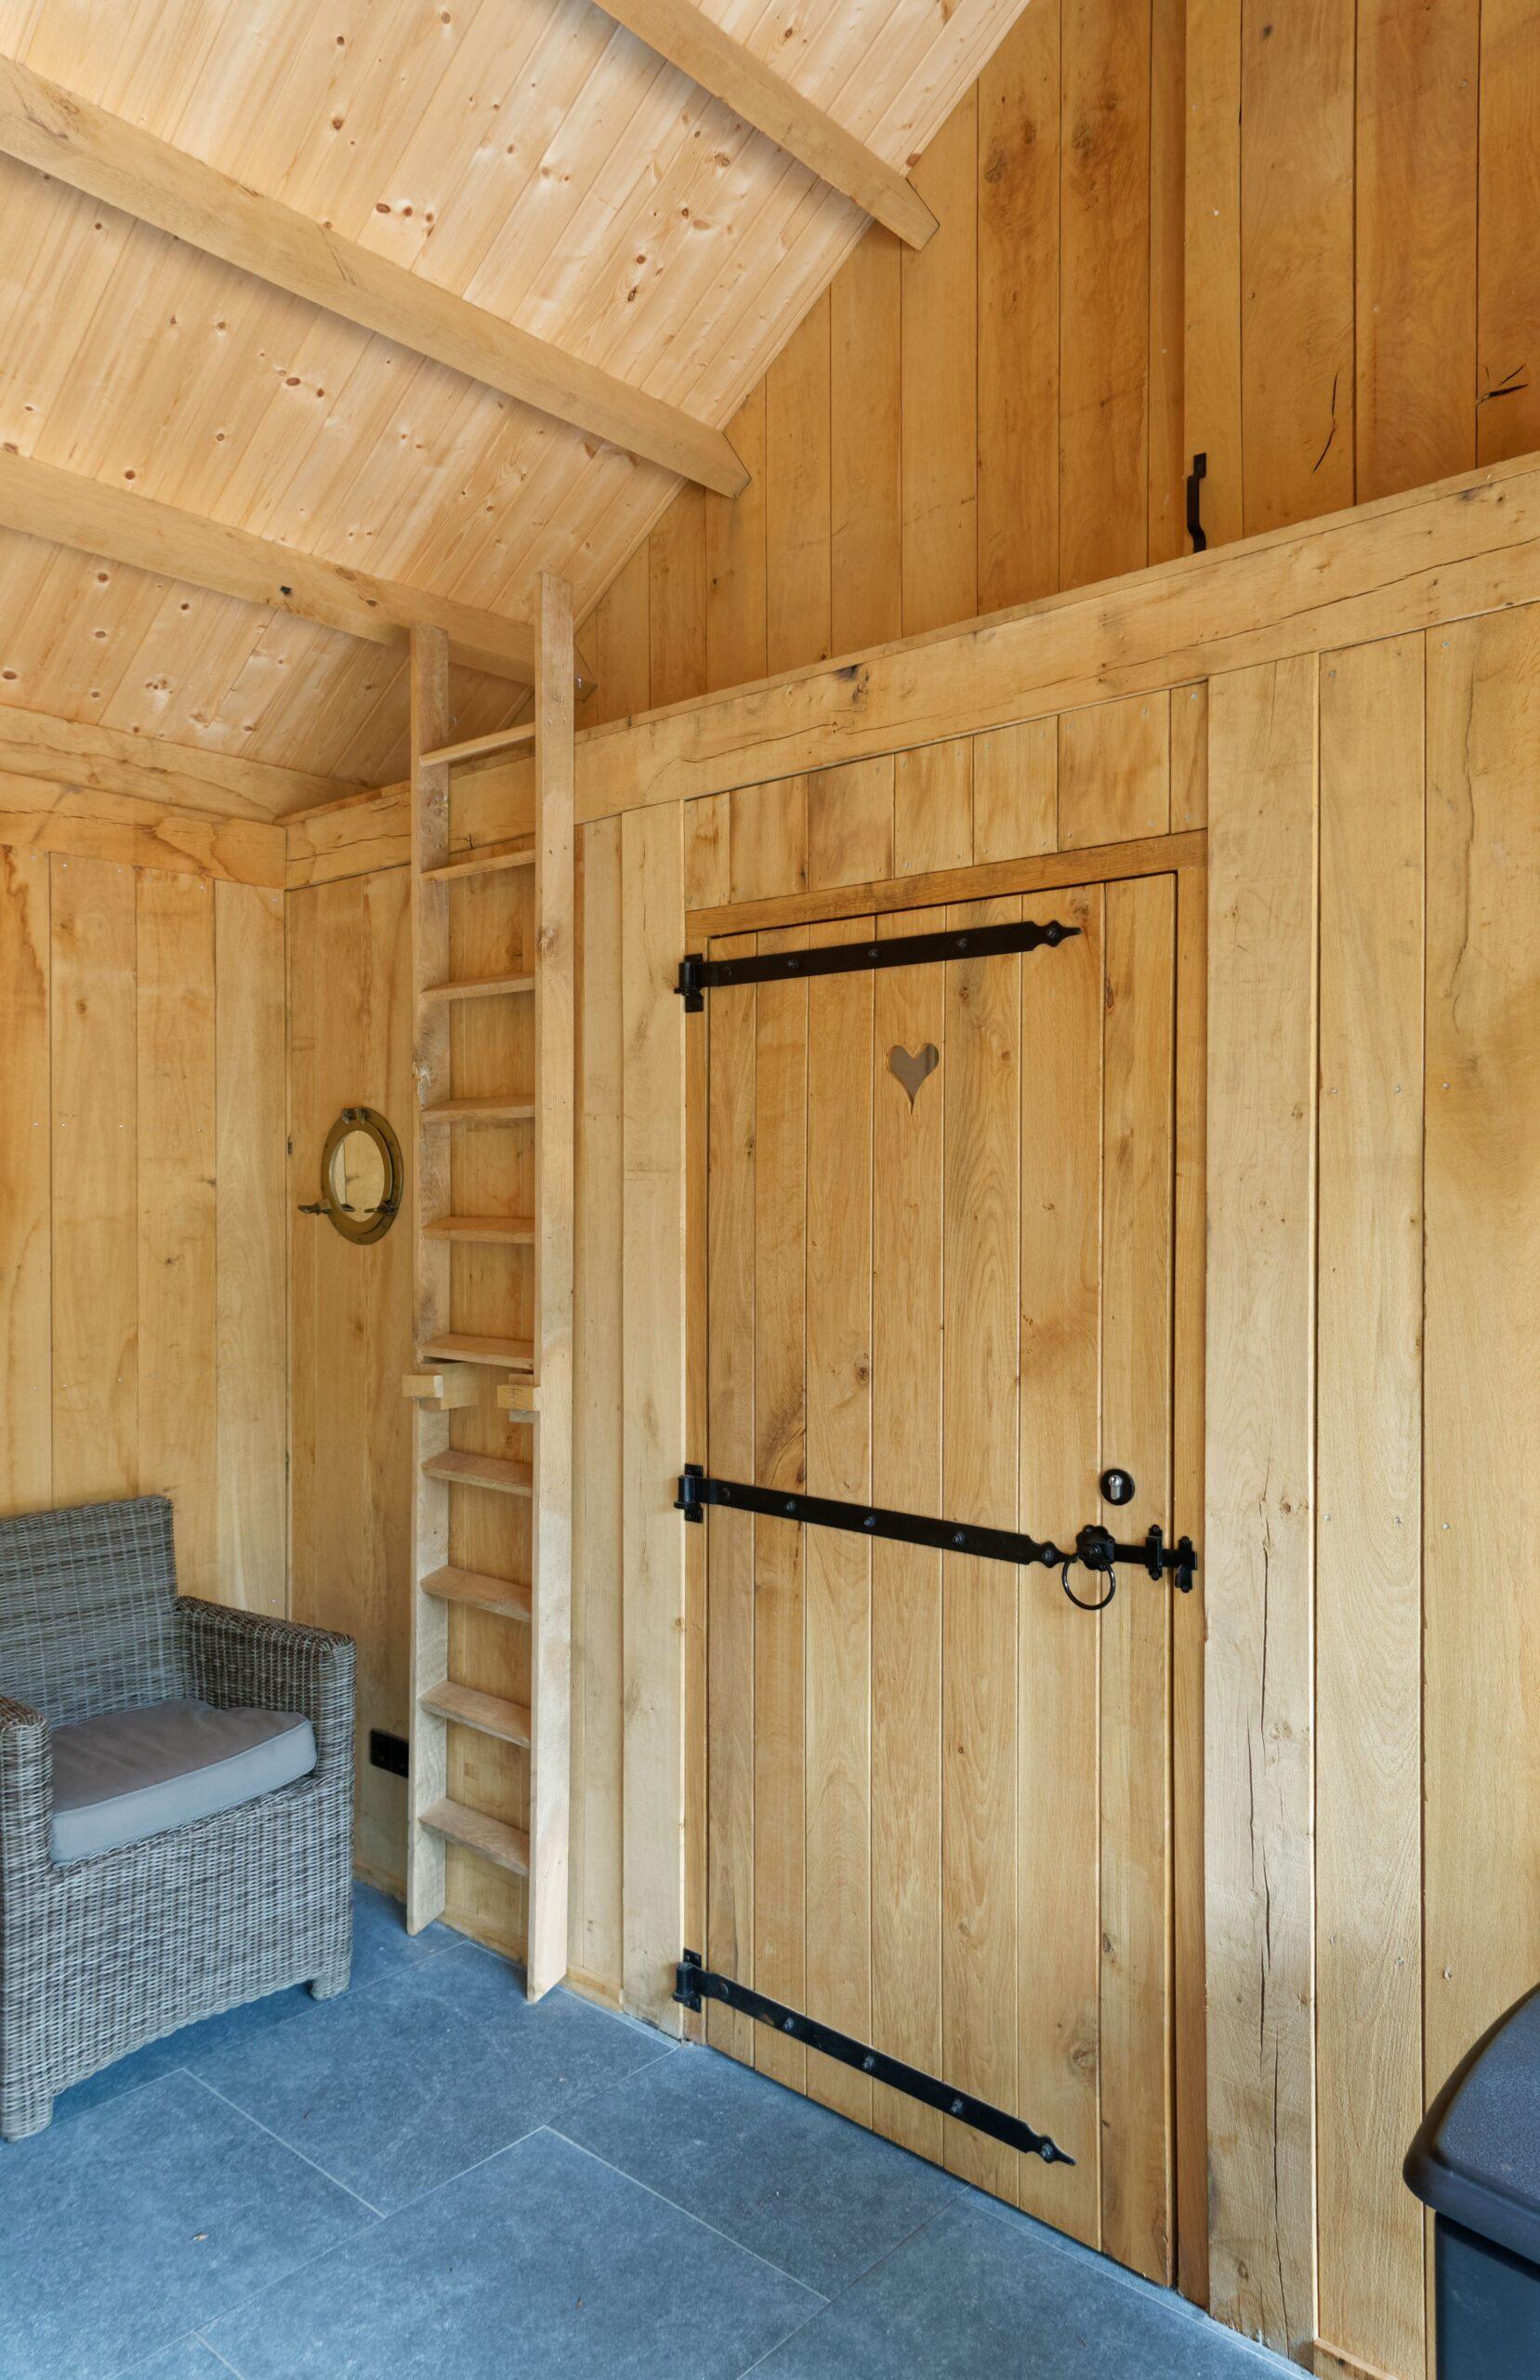 Eiken-bijgebouw-13-scaled - Project Laren: Houten schuur met sauna en tuinkamer